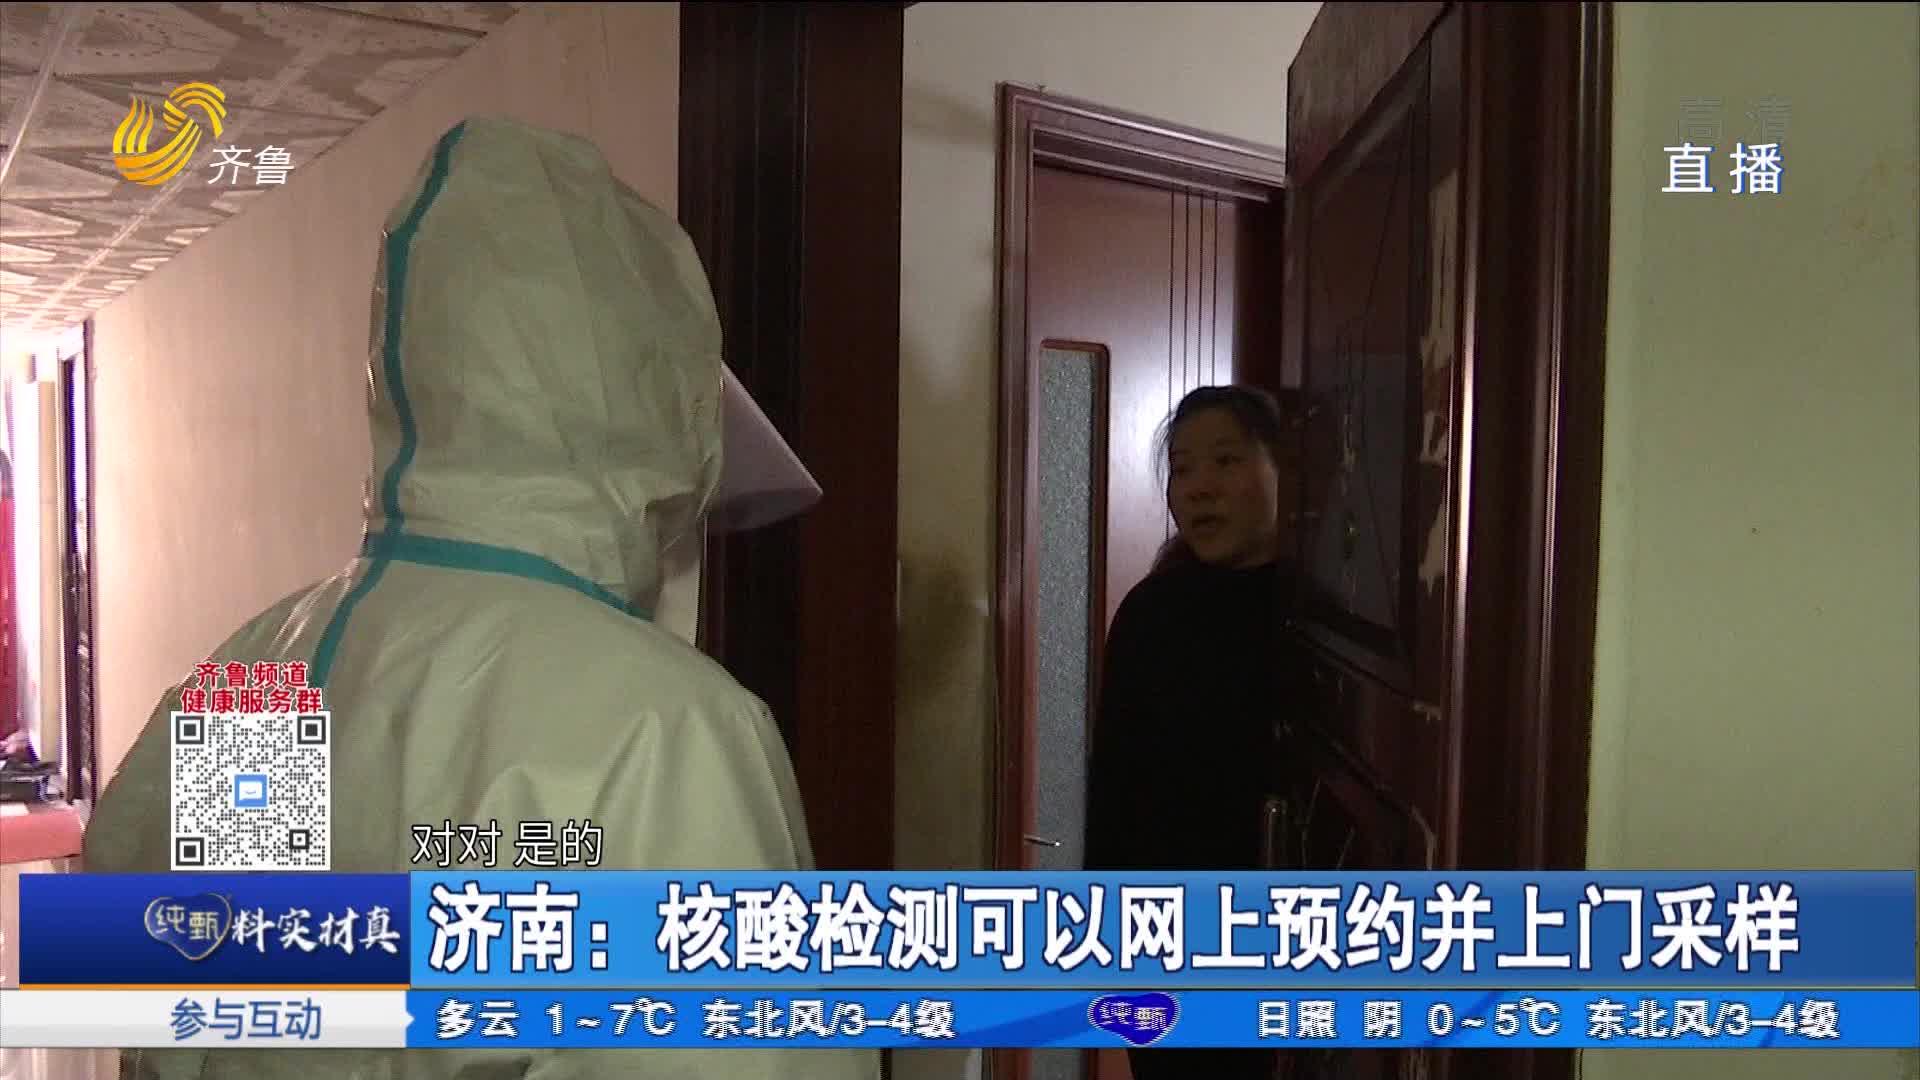 濟南:核酸檢測可以網上預約并上門采樣